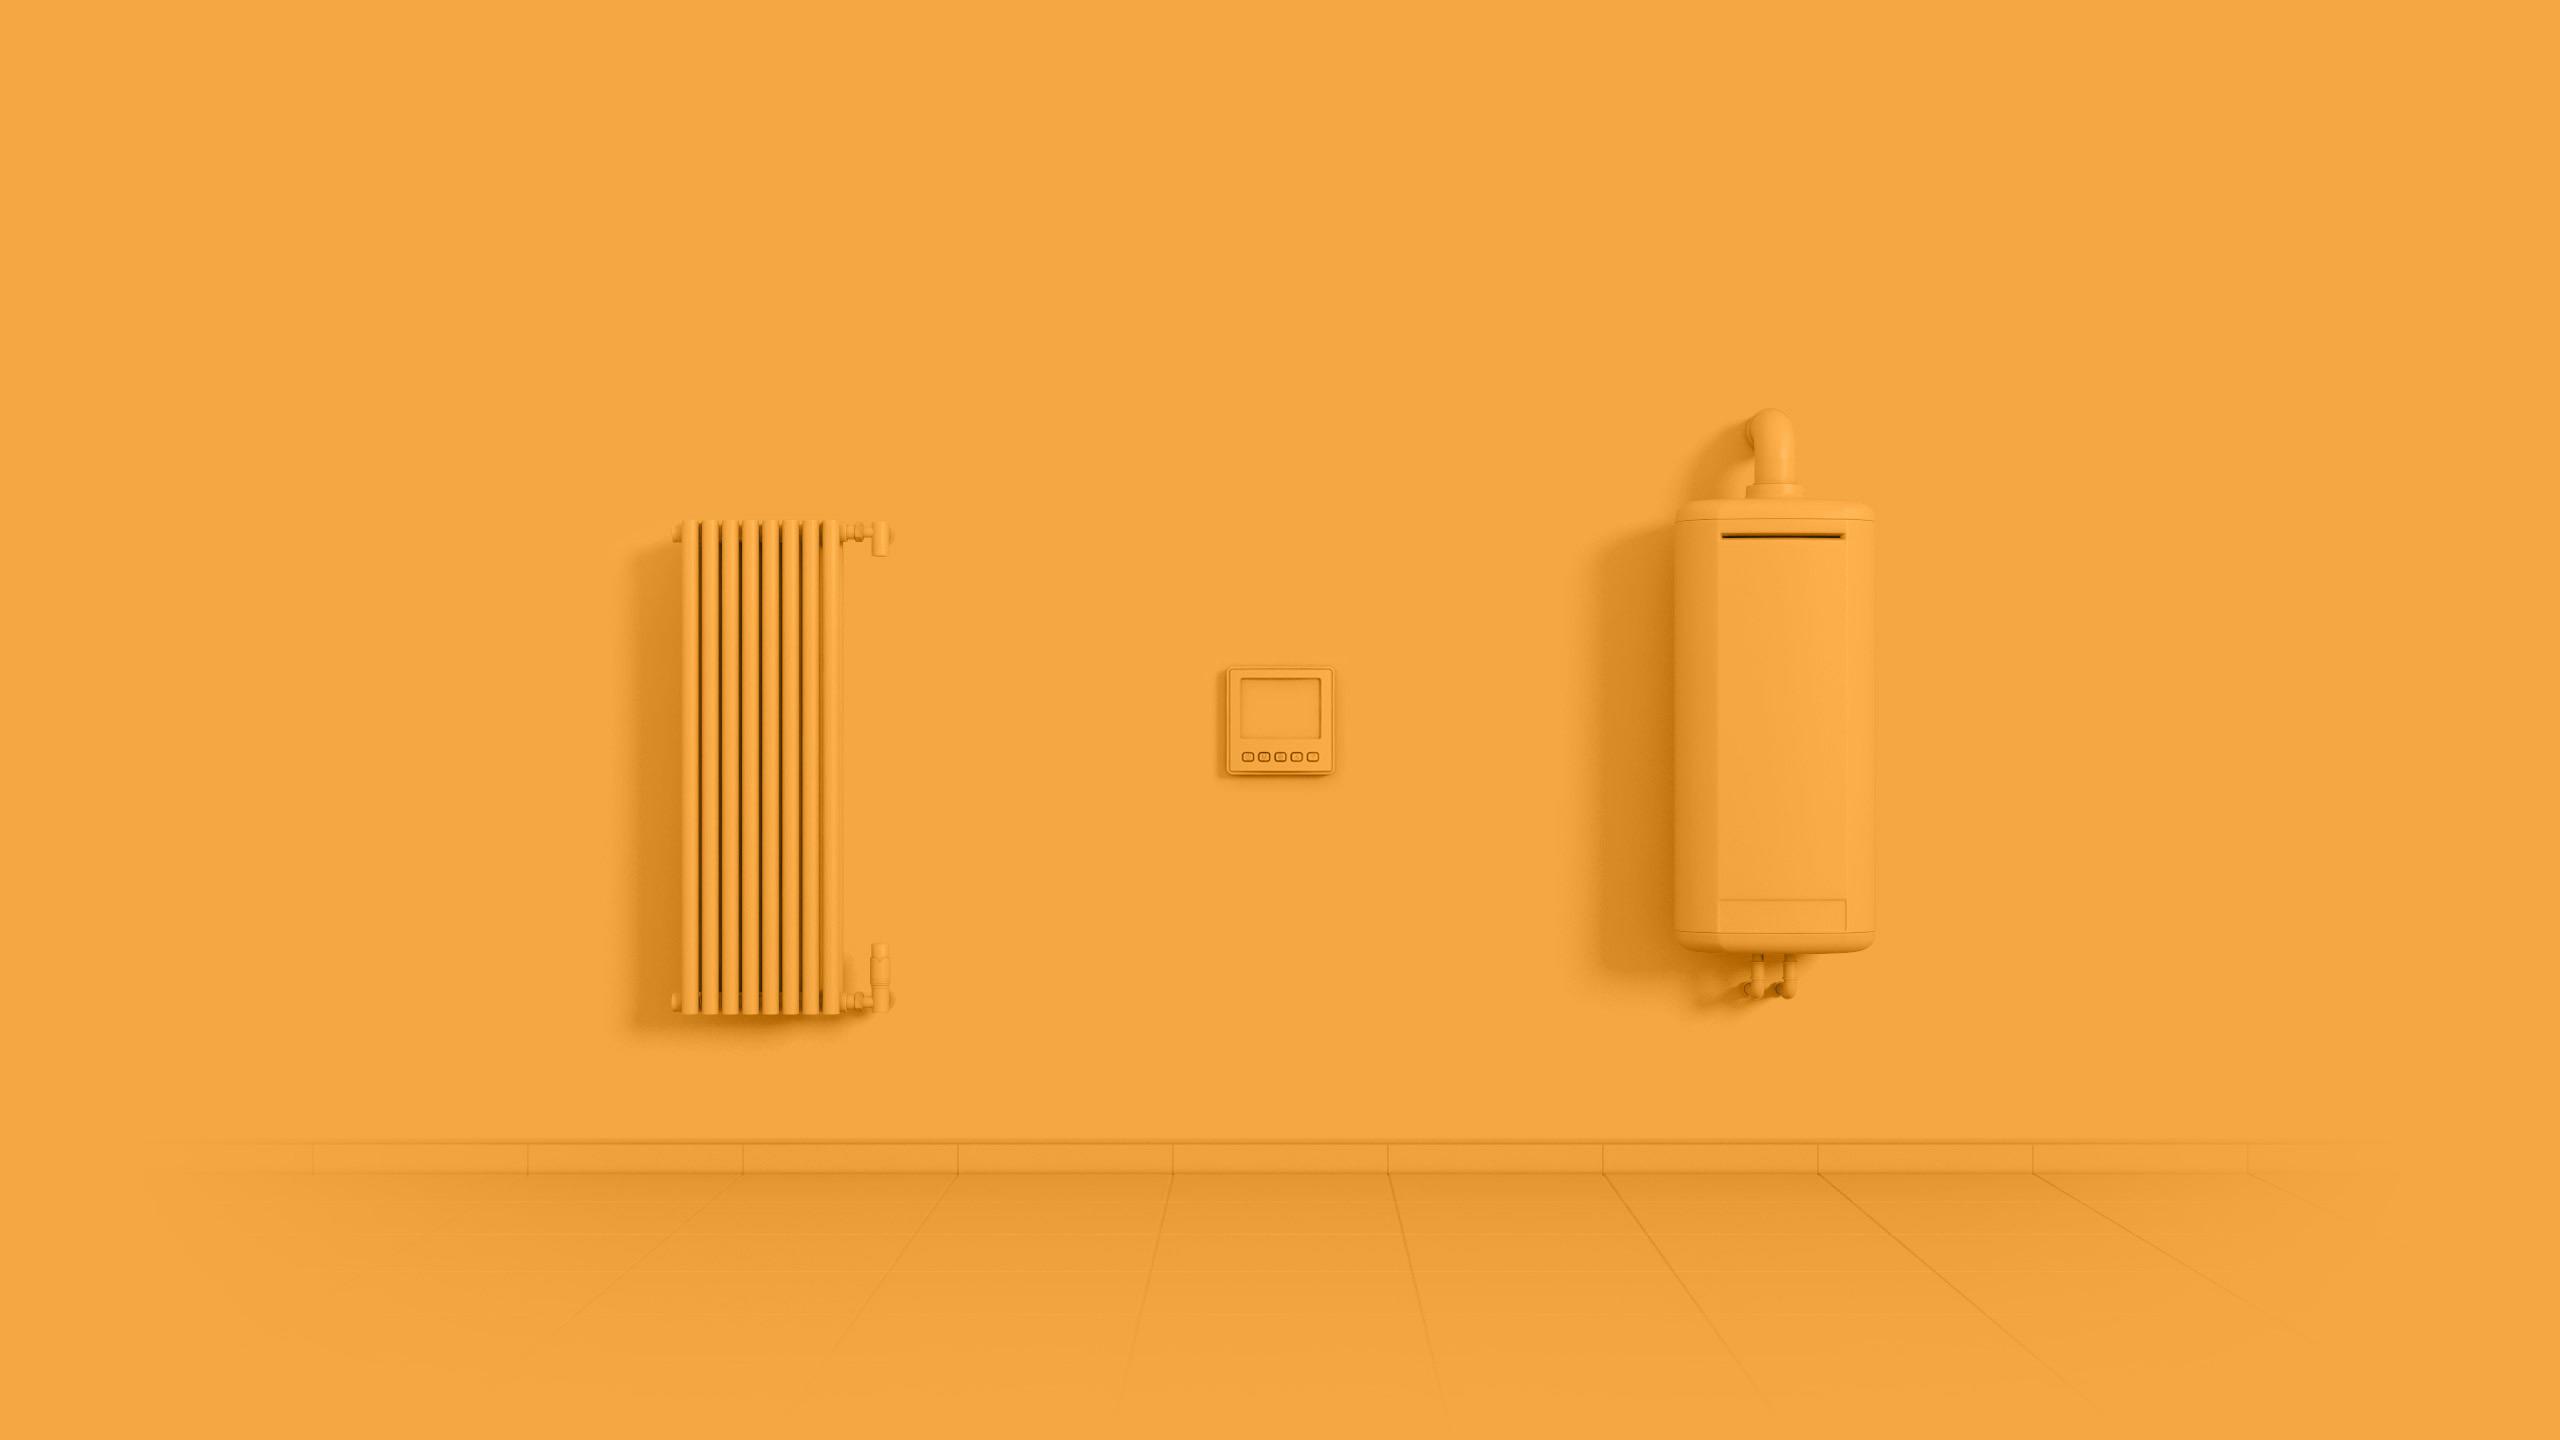 Smarta hem värmesystem